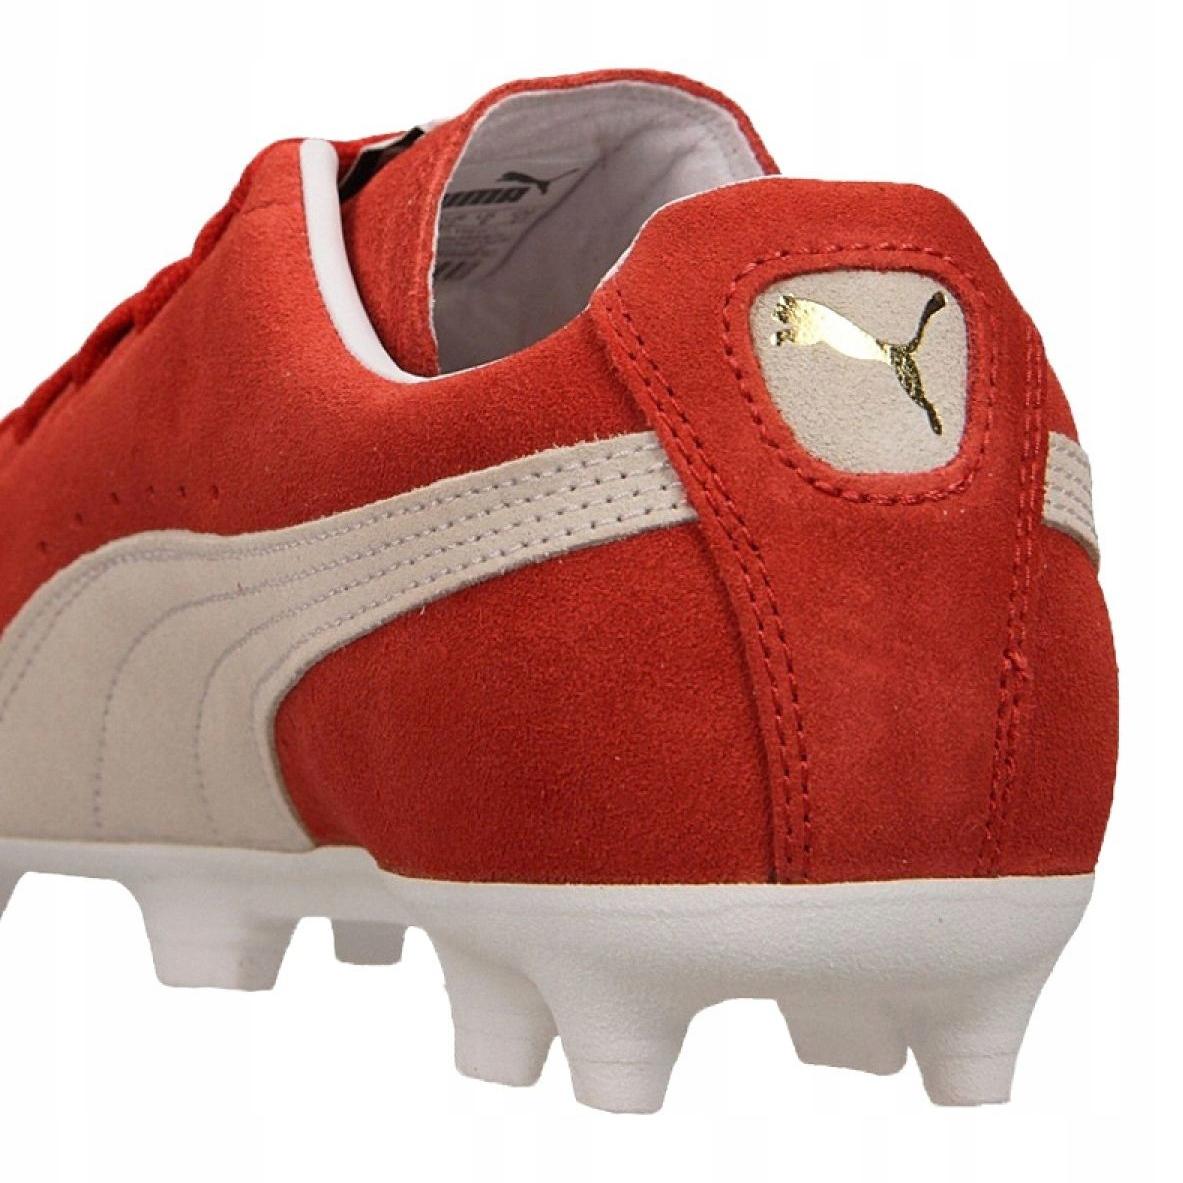 Buty Puma Future Suede 50 M 104614 02 czerwone pomaraczowy